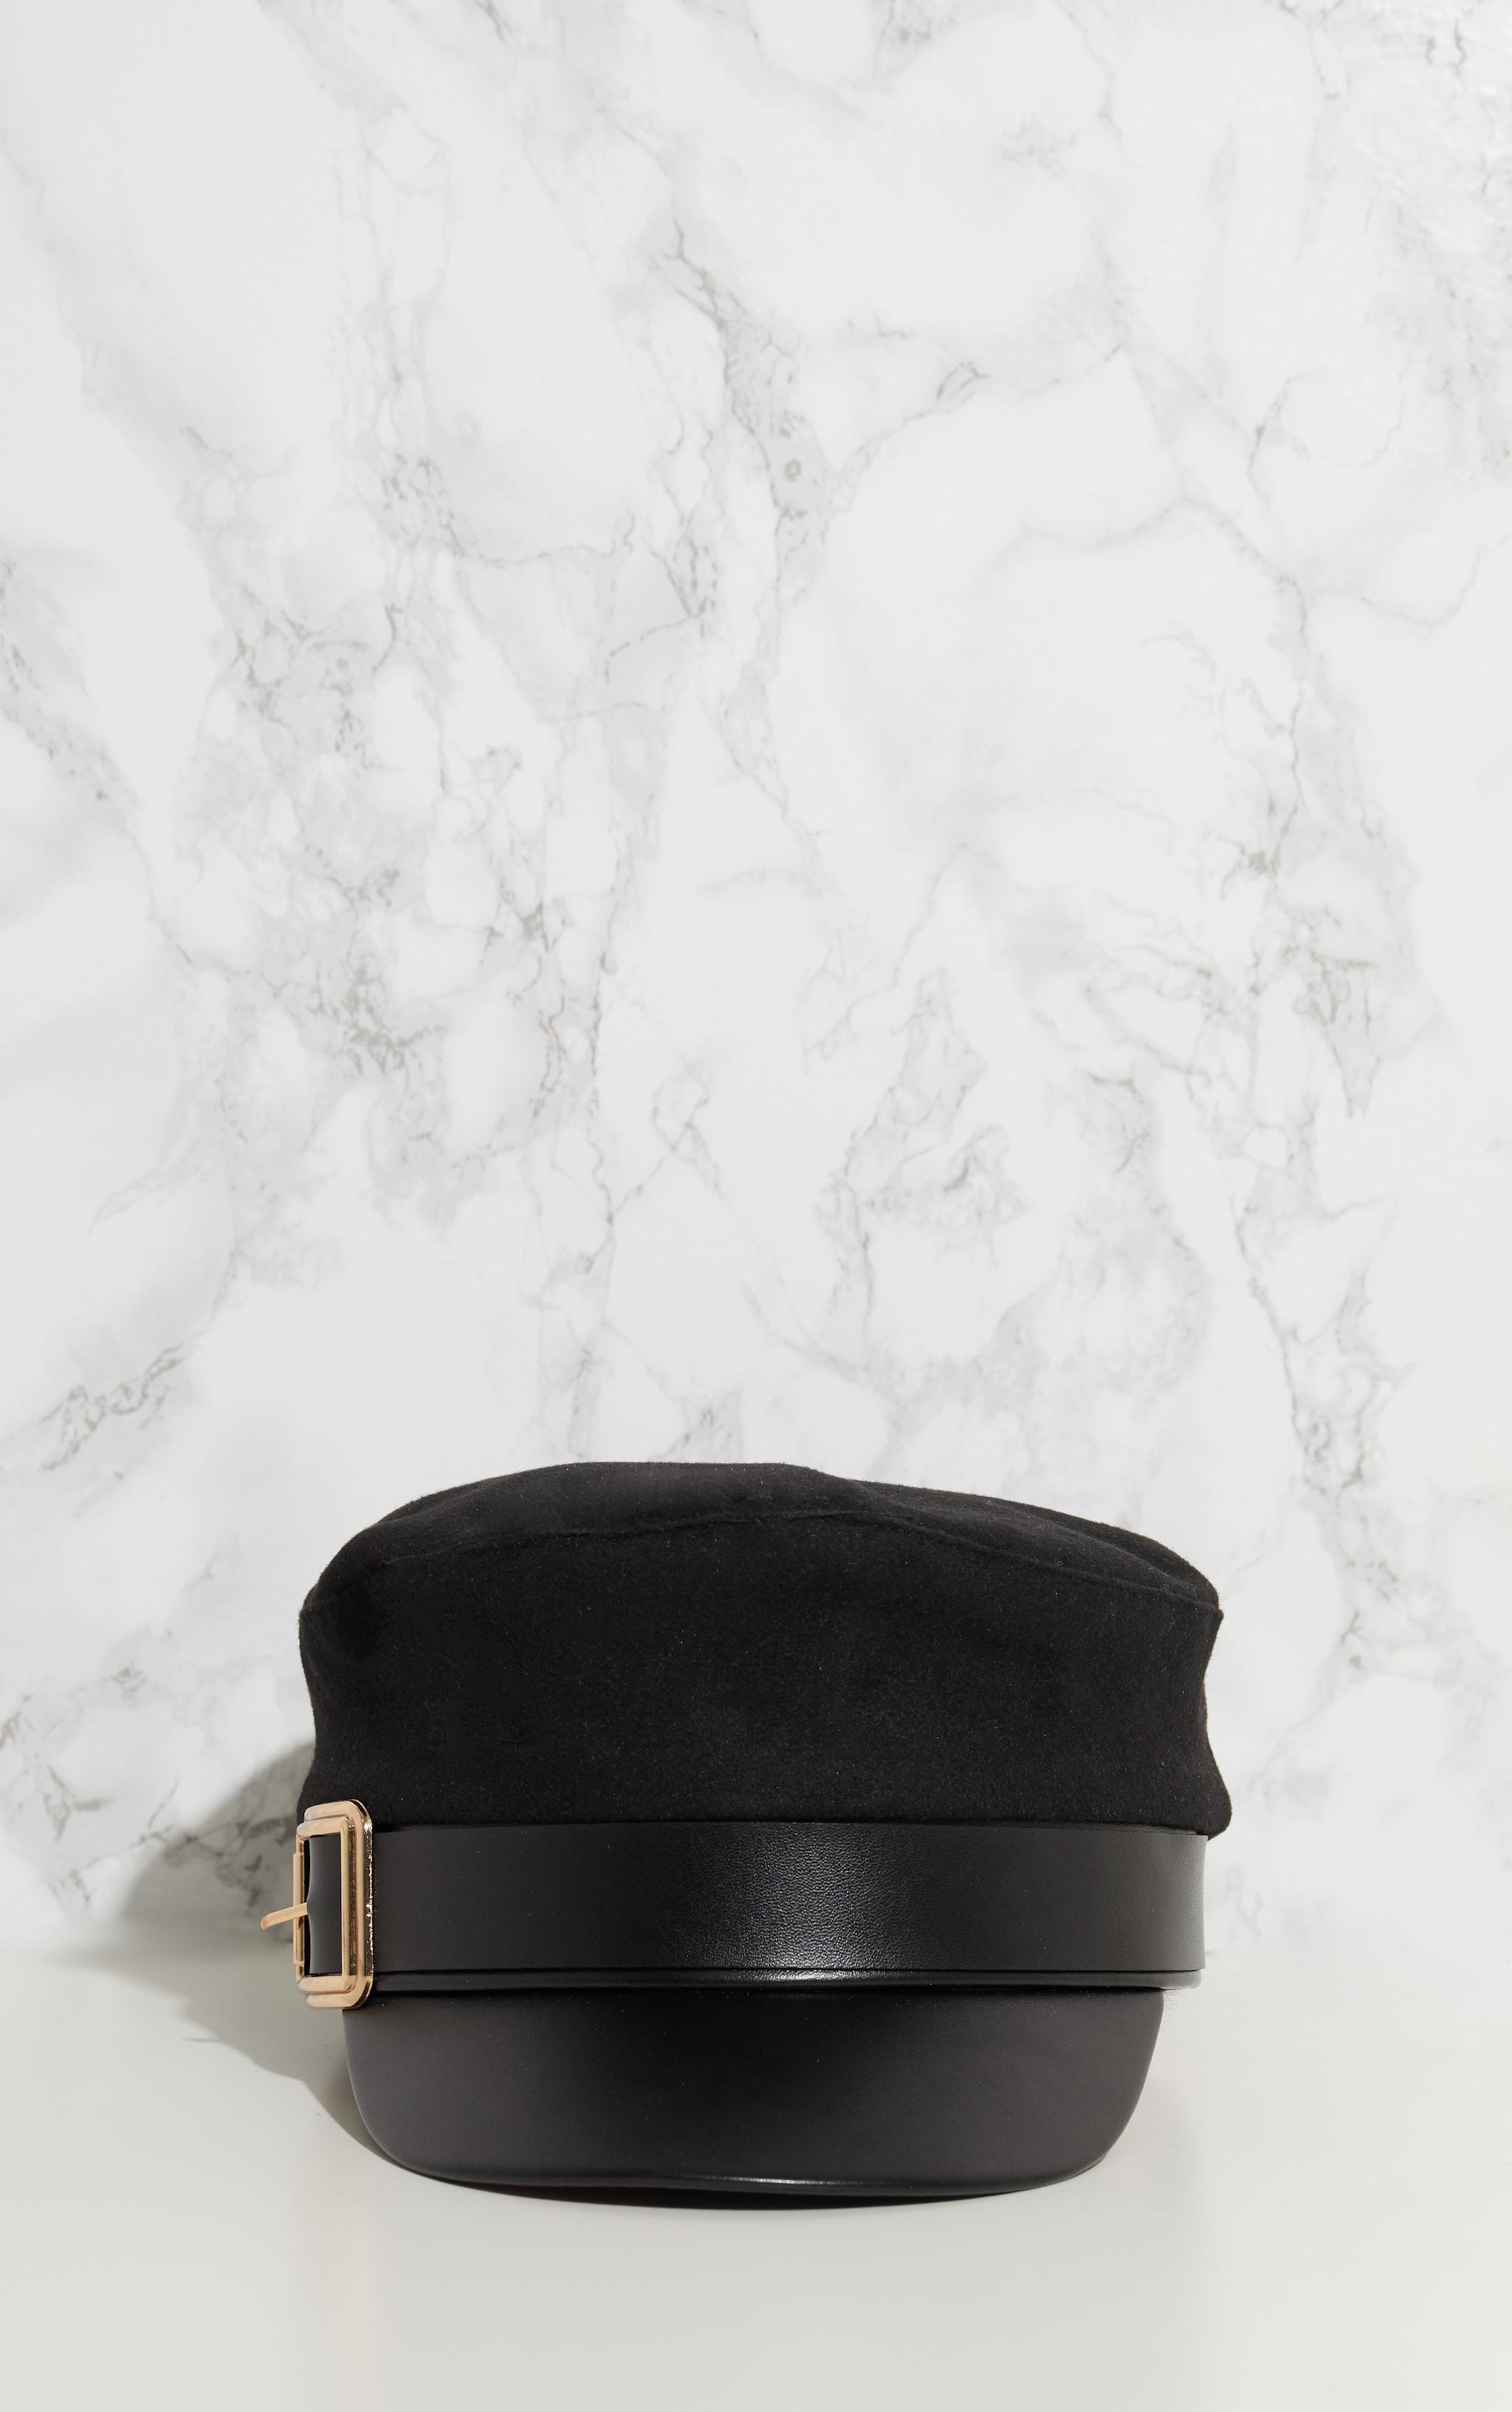 Black Buckle Baker Boy Hat 3